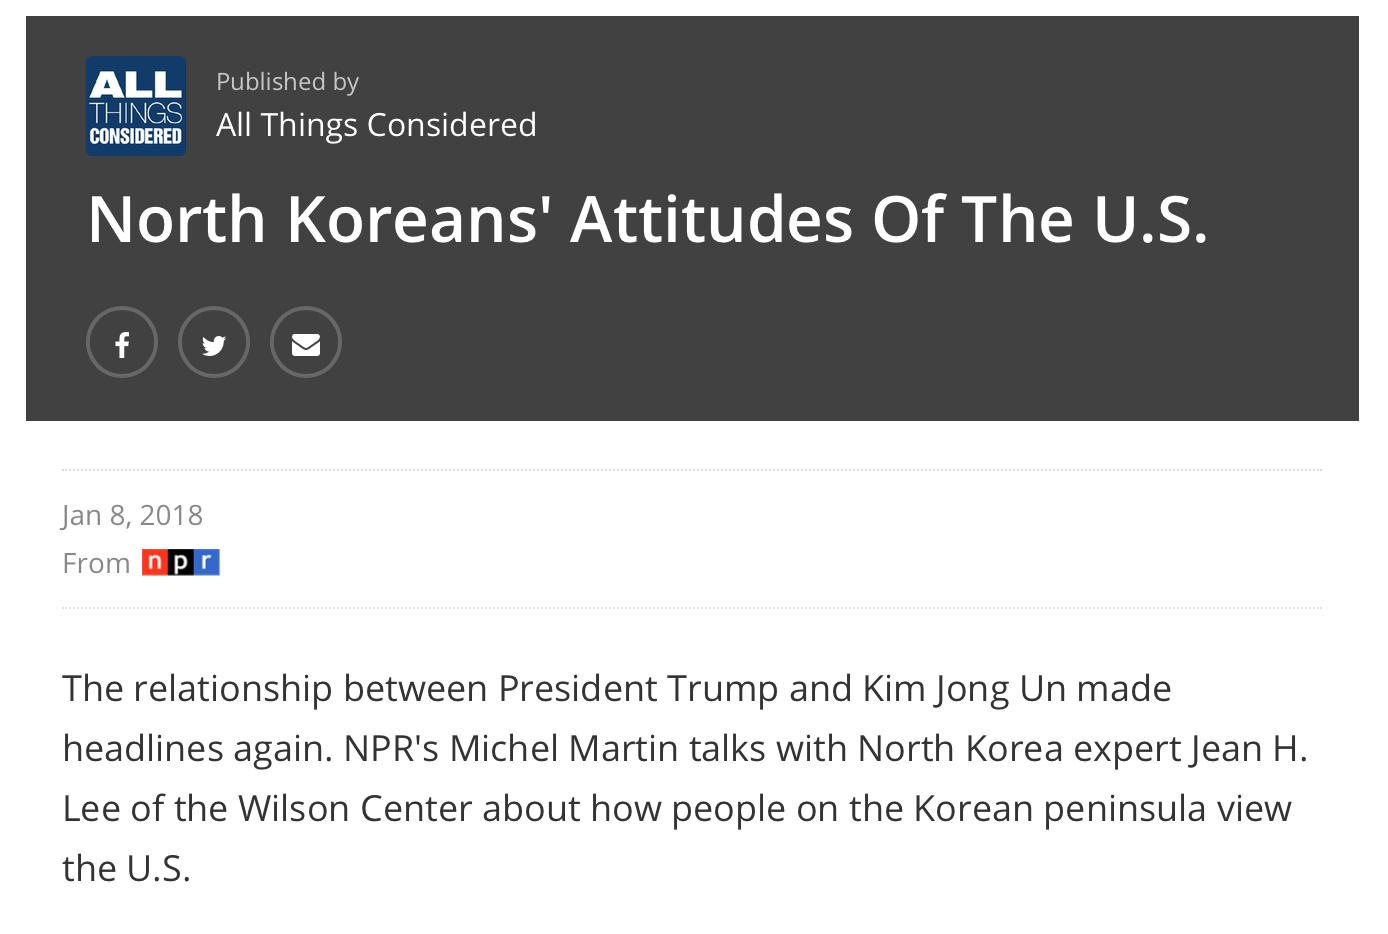 NPR ATC North Koreans Attitudes.png